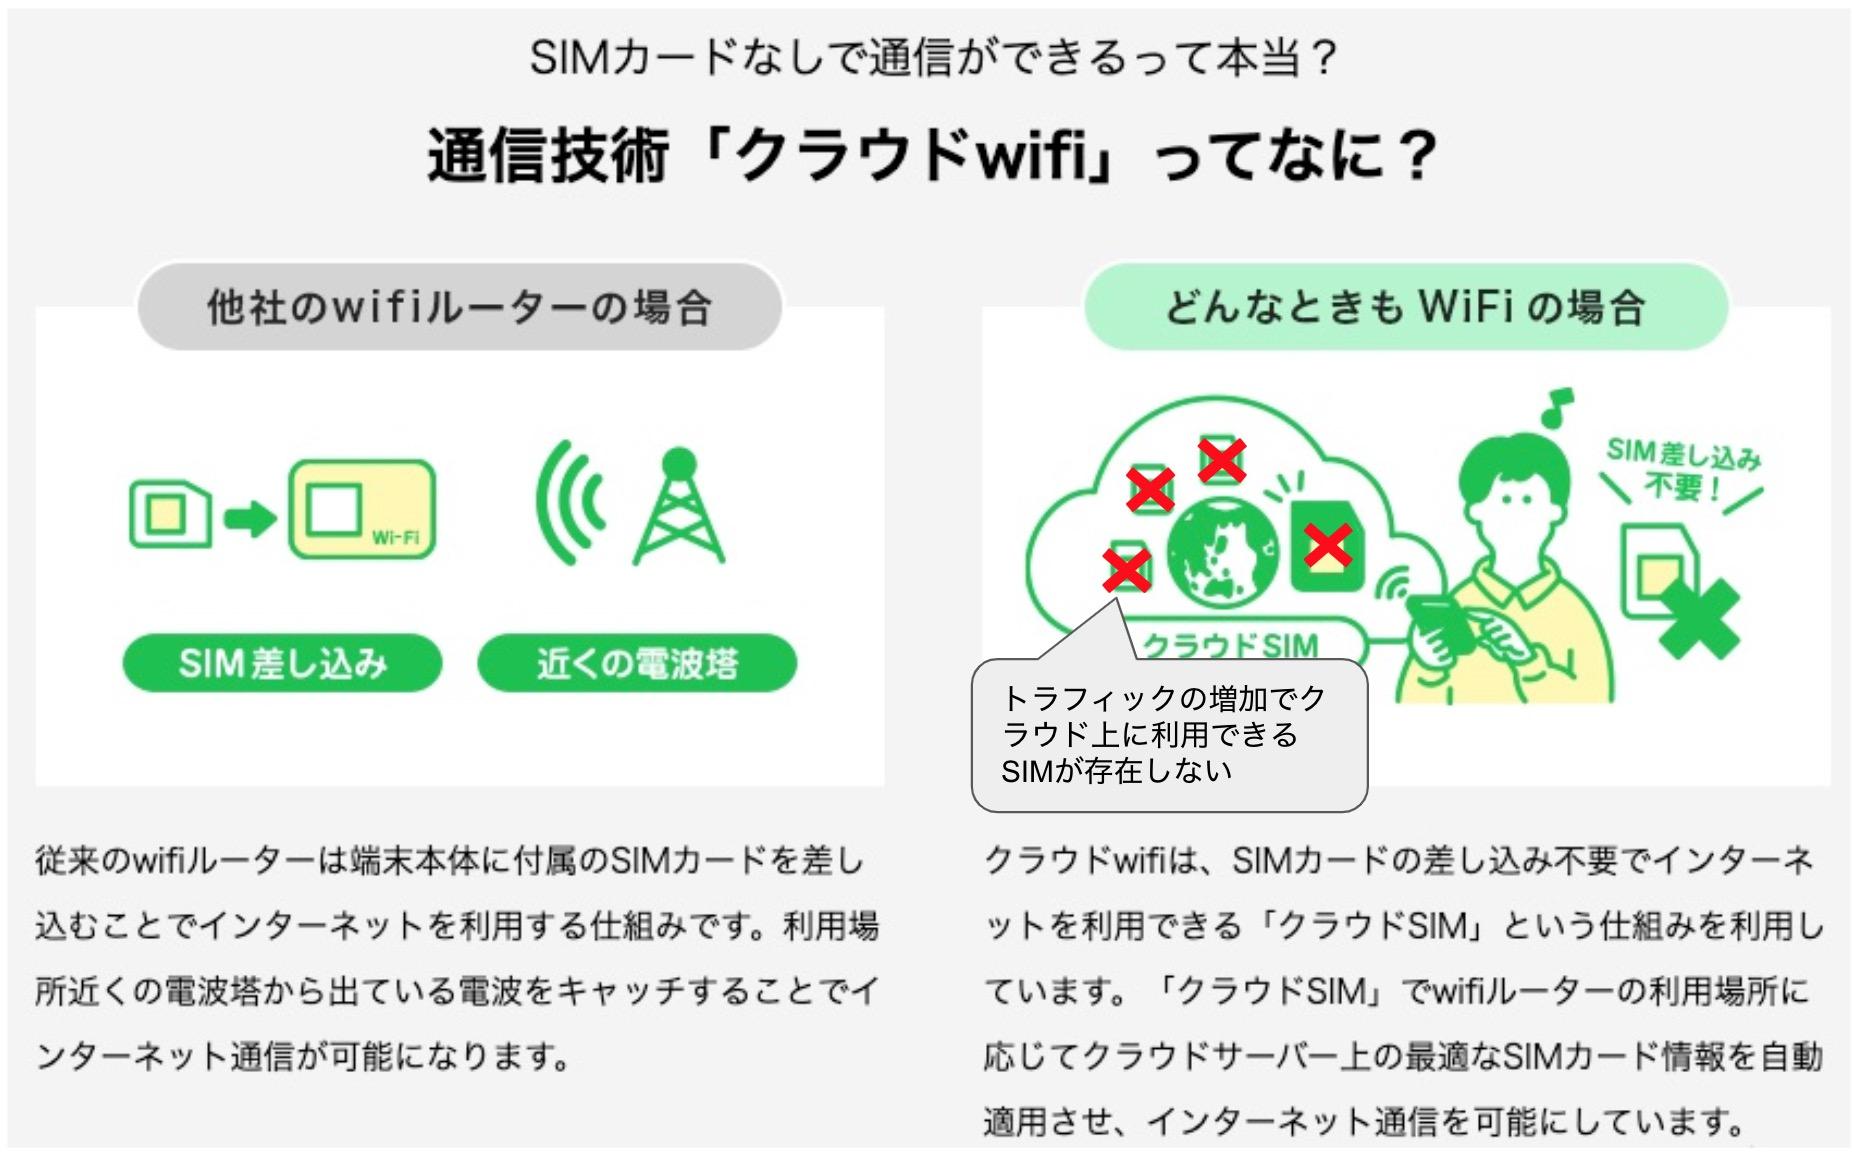 とき wifi 障害 も どんな 通信